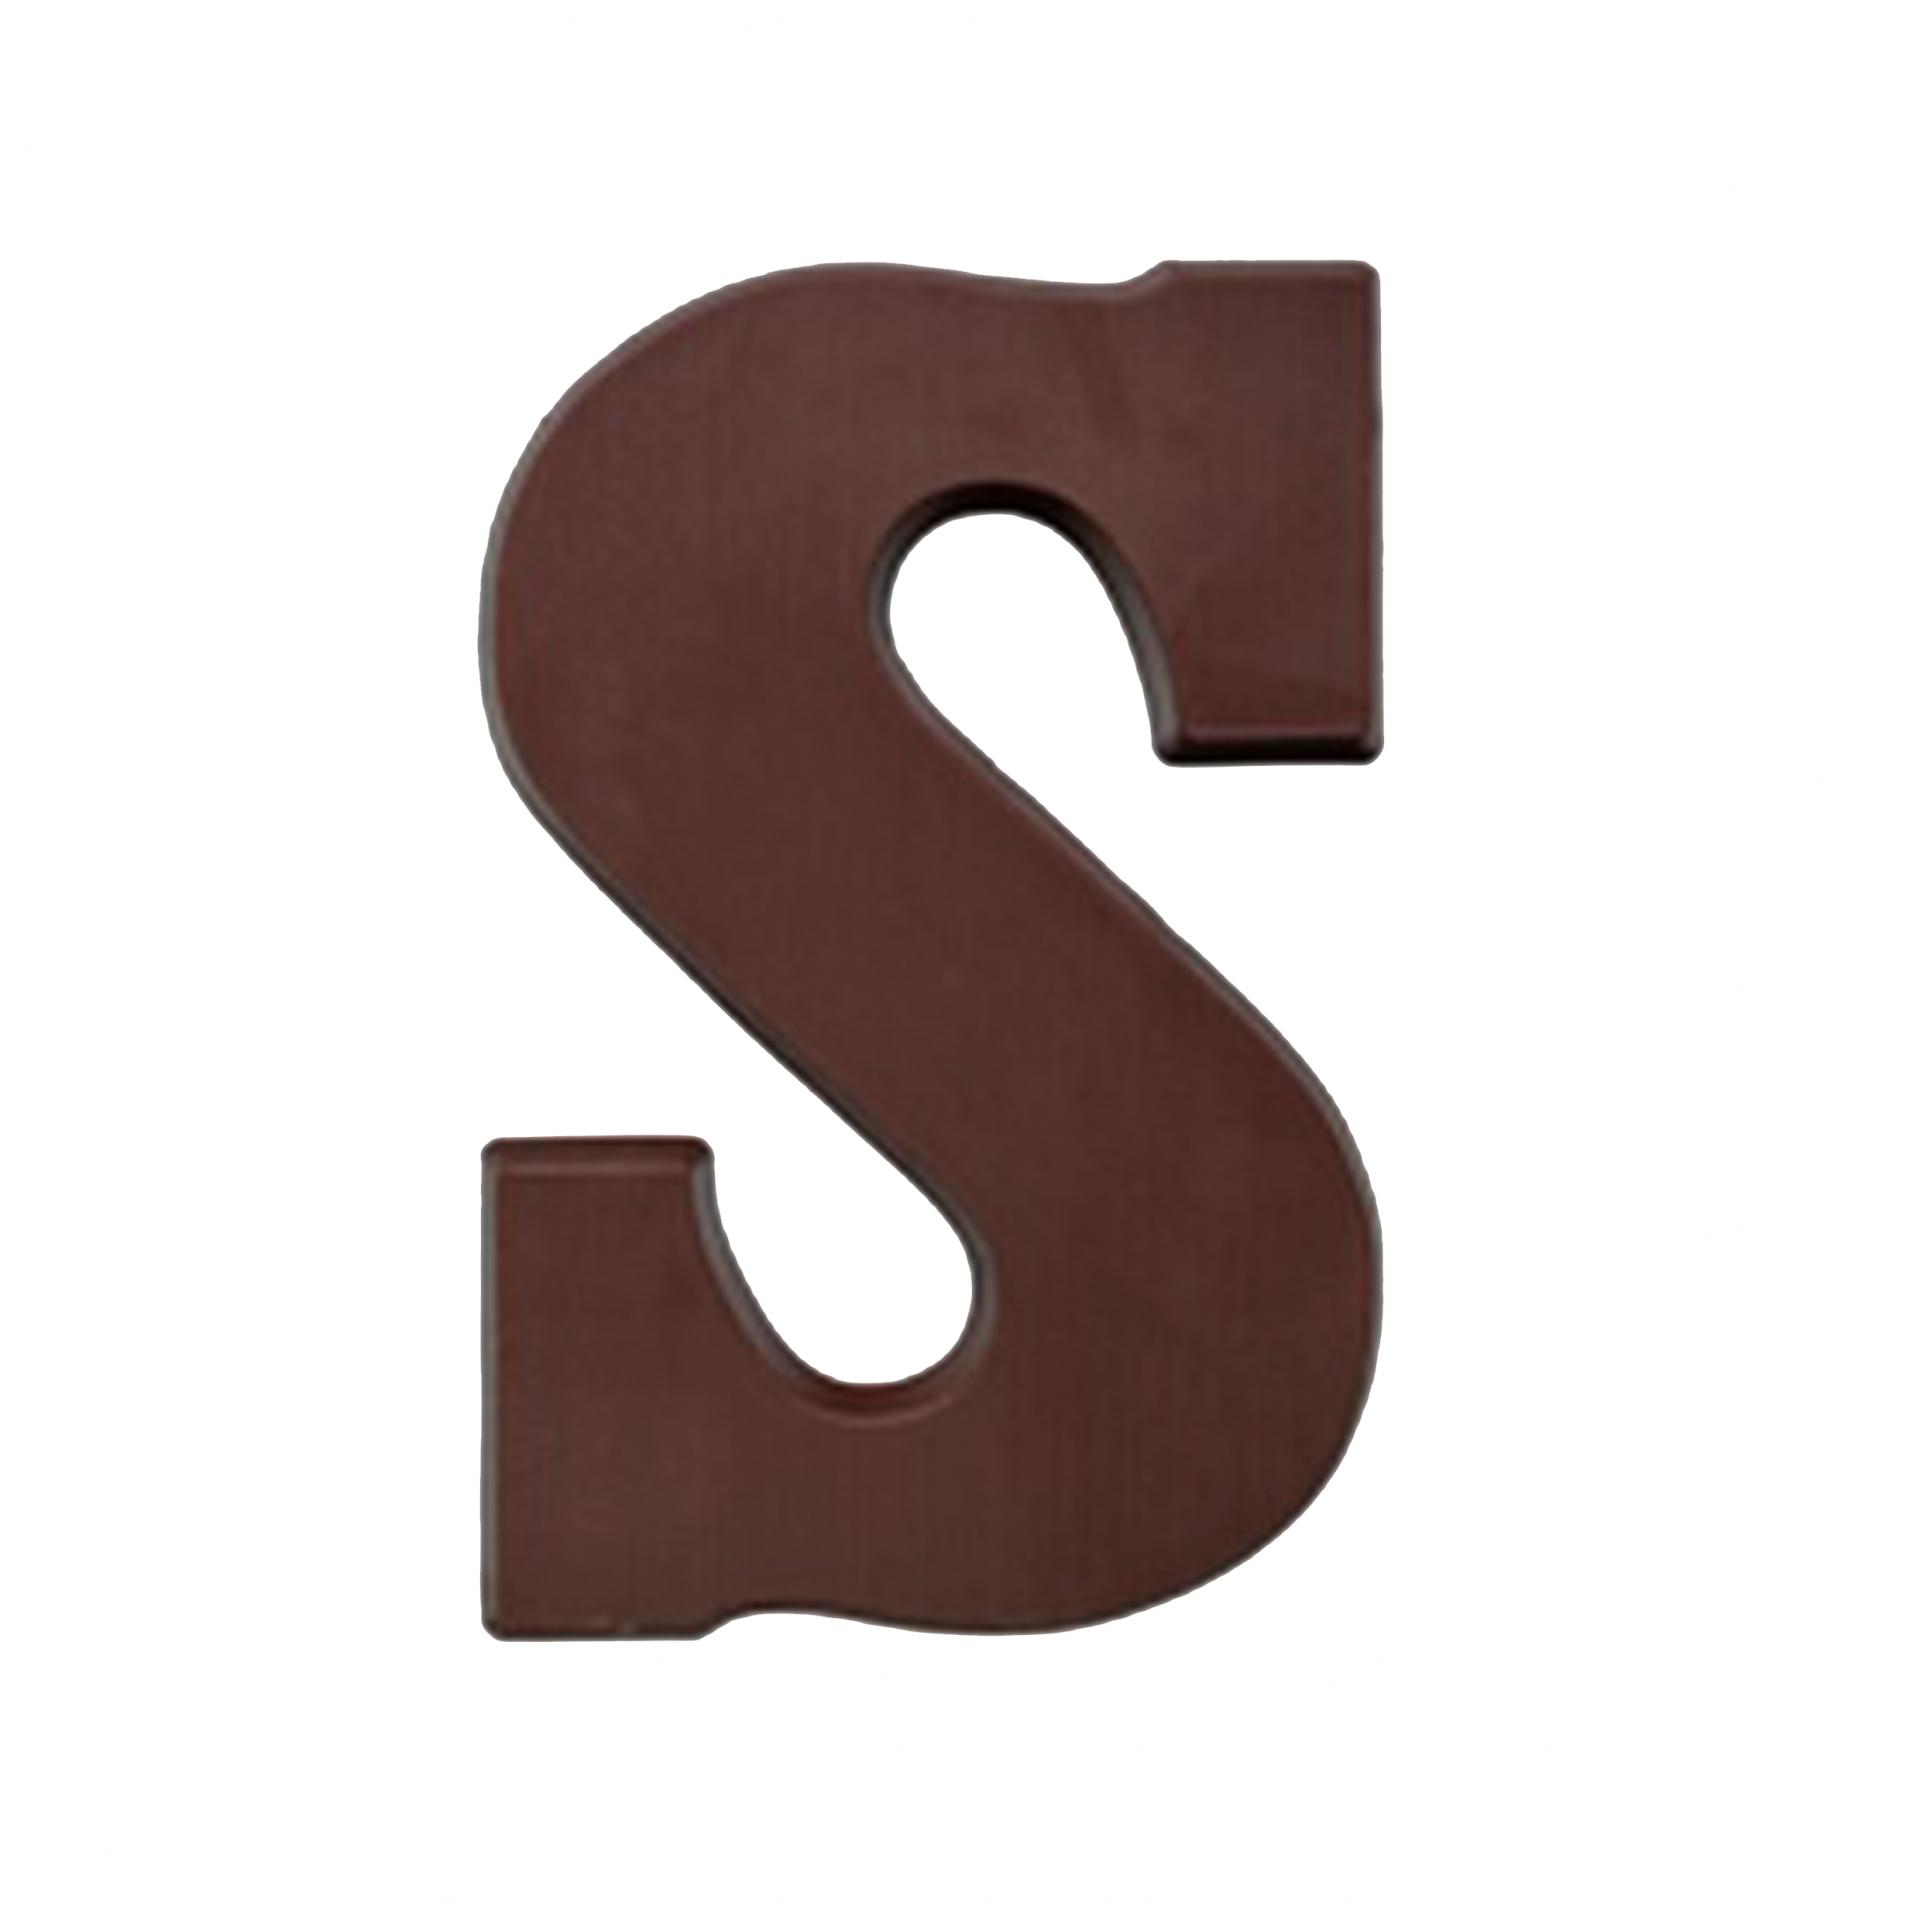 Chocoladeletter S suikervrij, 200 gram